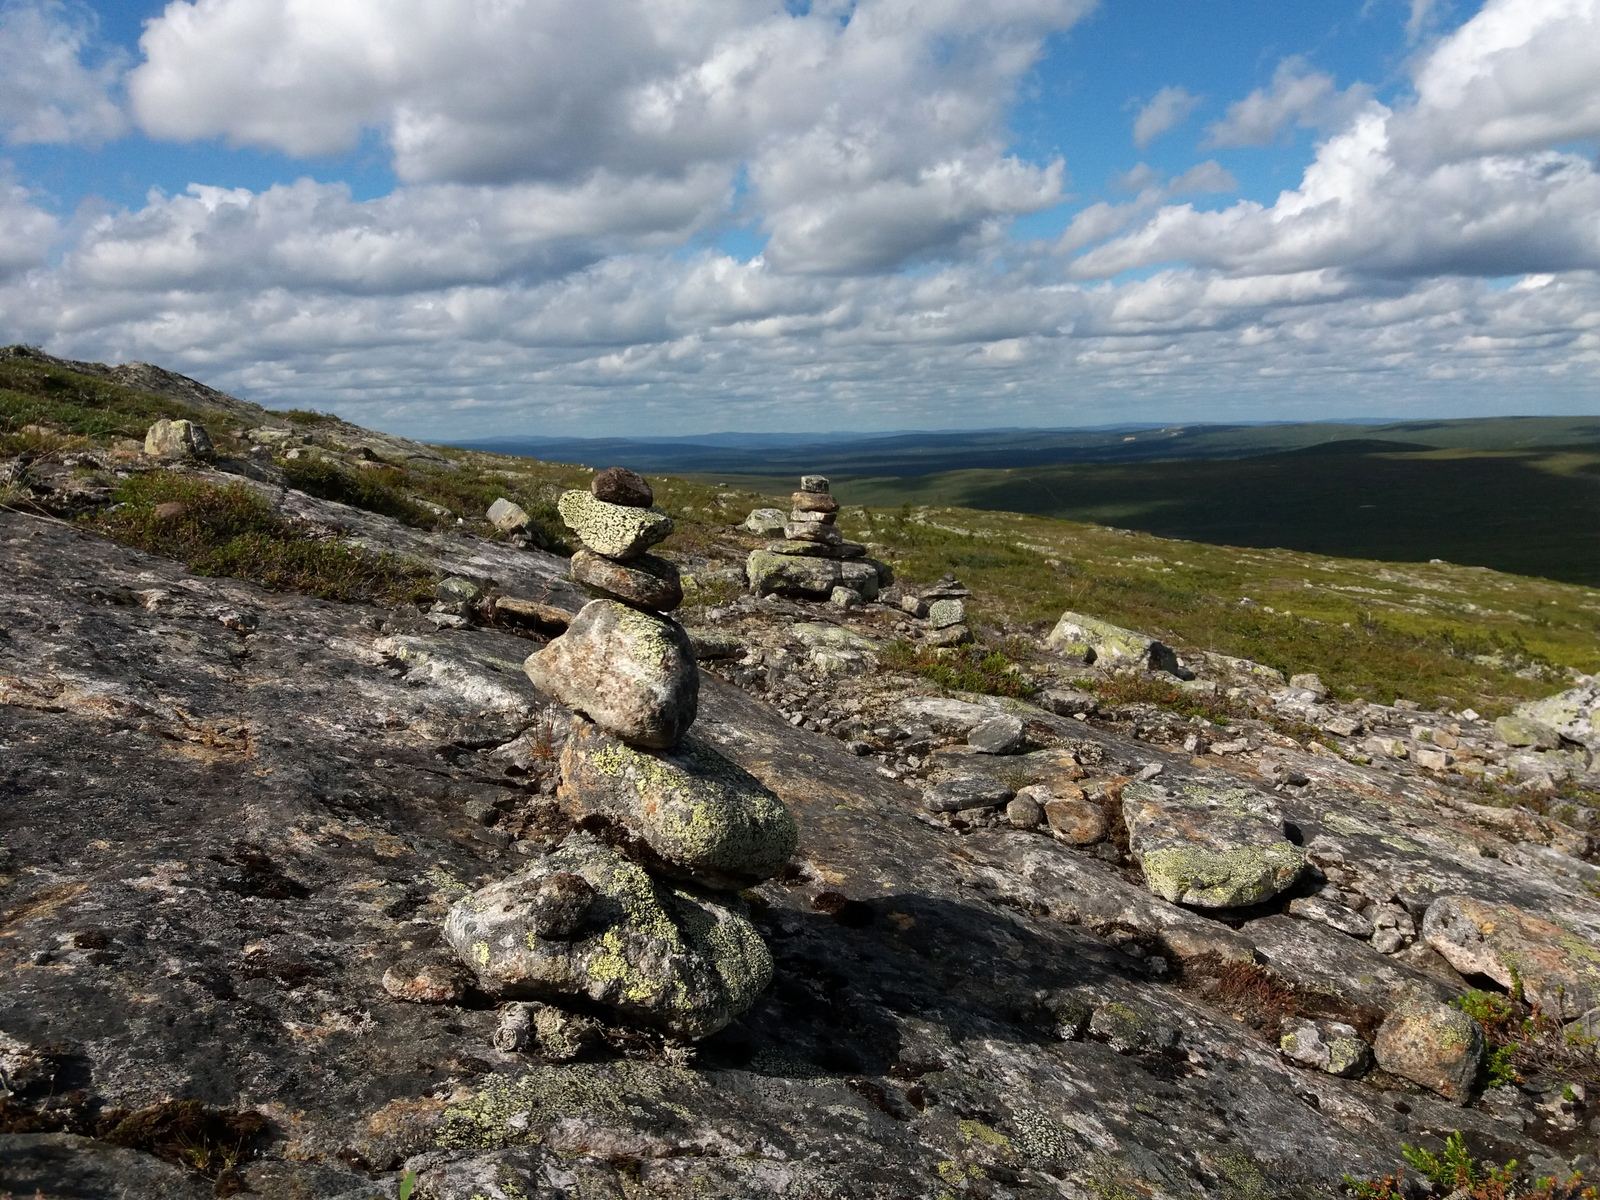 Saariselkä, Kiilopää. Huippua lähestyttäessä tuli näkyviin kaikilta Lapin tuntureilta tuttuja kivikasoja.